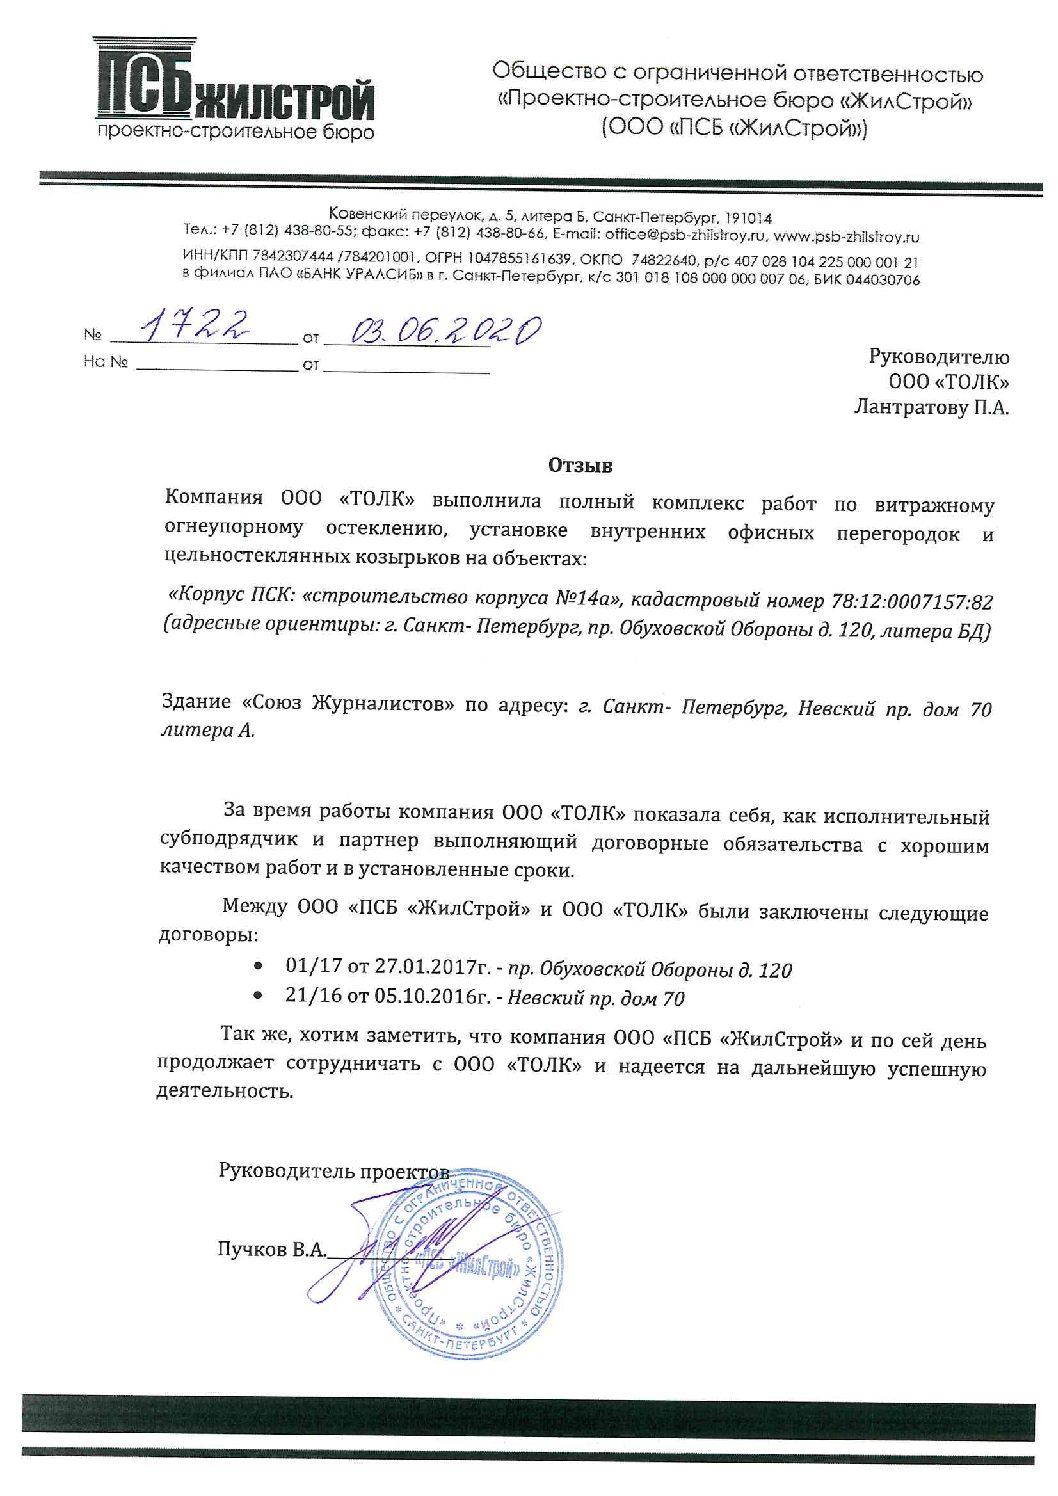 ПСБ-Жилстрой